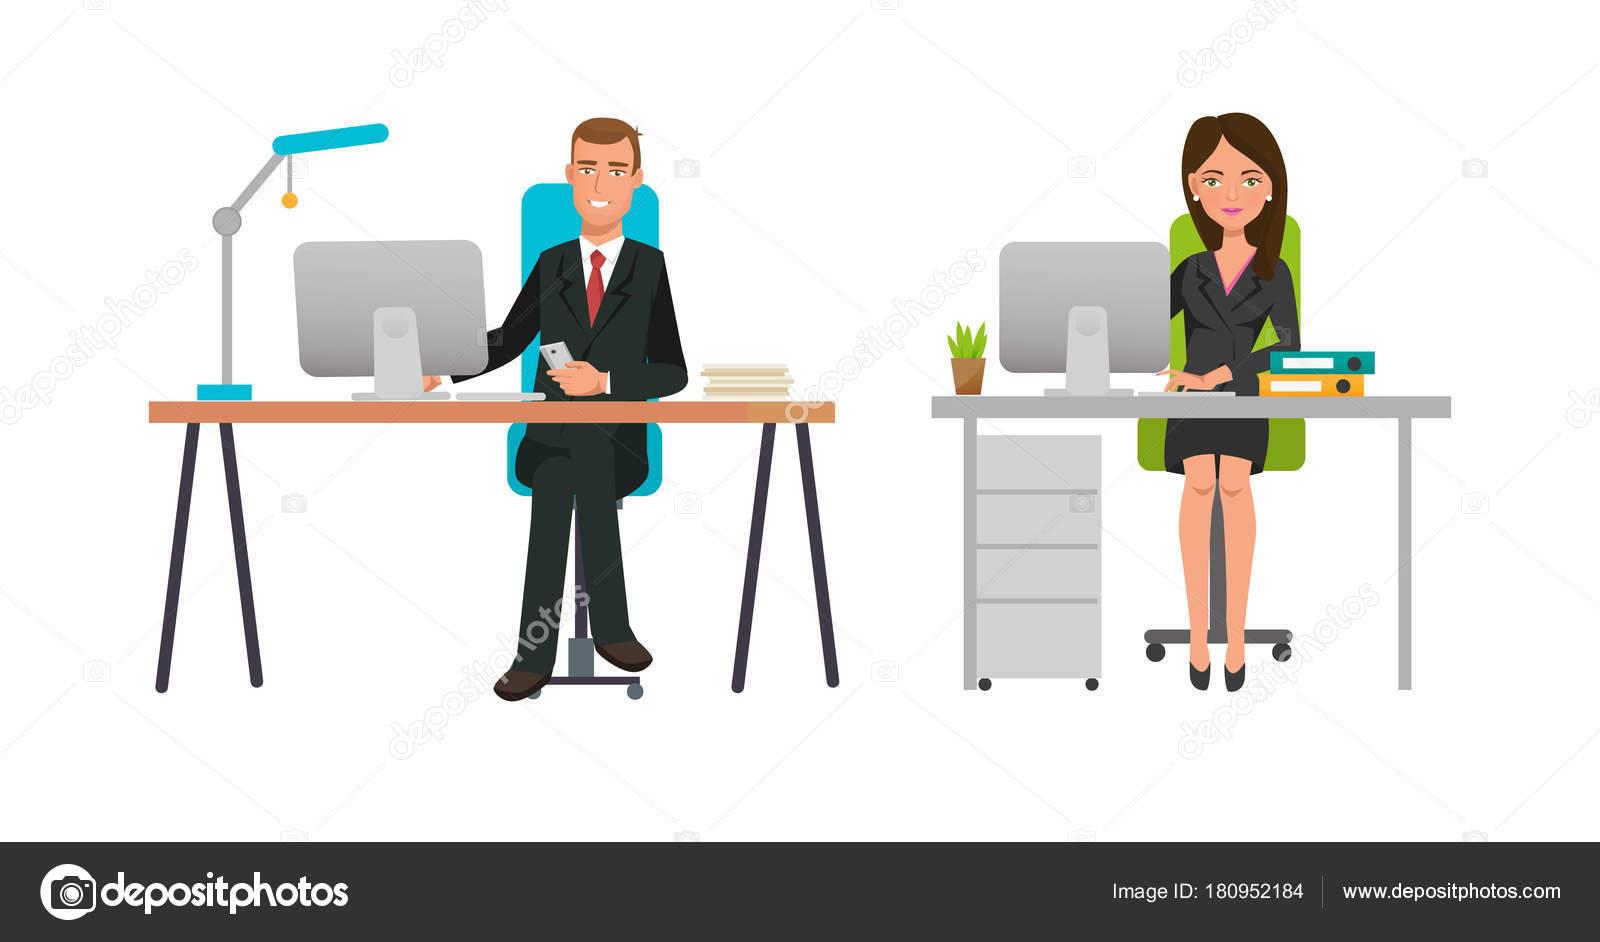 Geschäft Cartoon Charakter Berufstätige Im Büro Schrank. Büroangestellte,  Partner, Freut Sich über Erfolg, Arbeiten Hinter Schreibtisch Bürotisch.